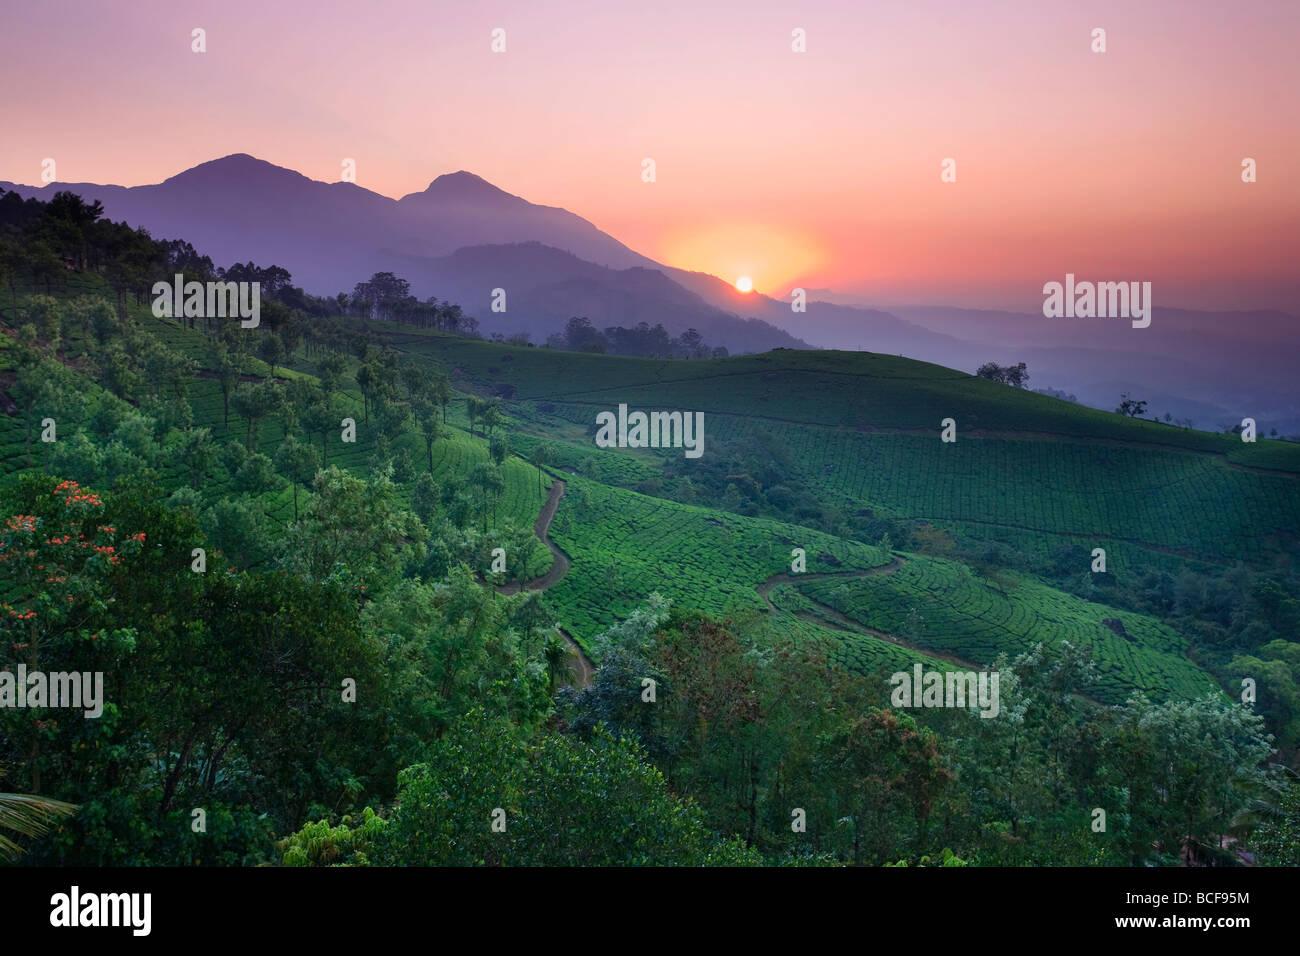 Las plantaciones de té, Munnar, Western Ghats, Kerala, India Imagen De Stock